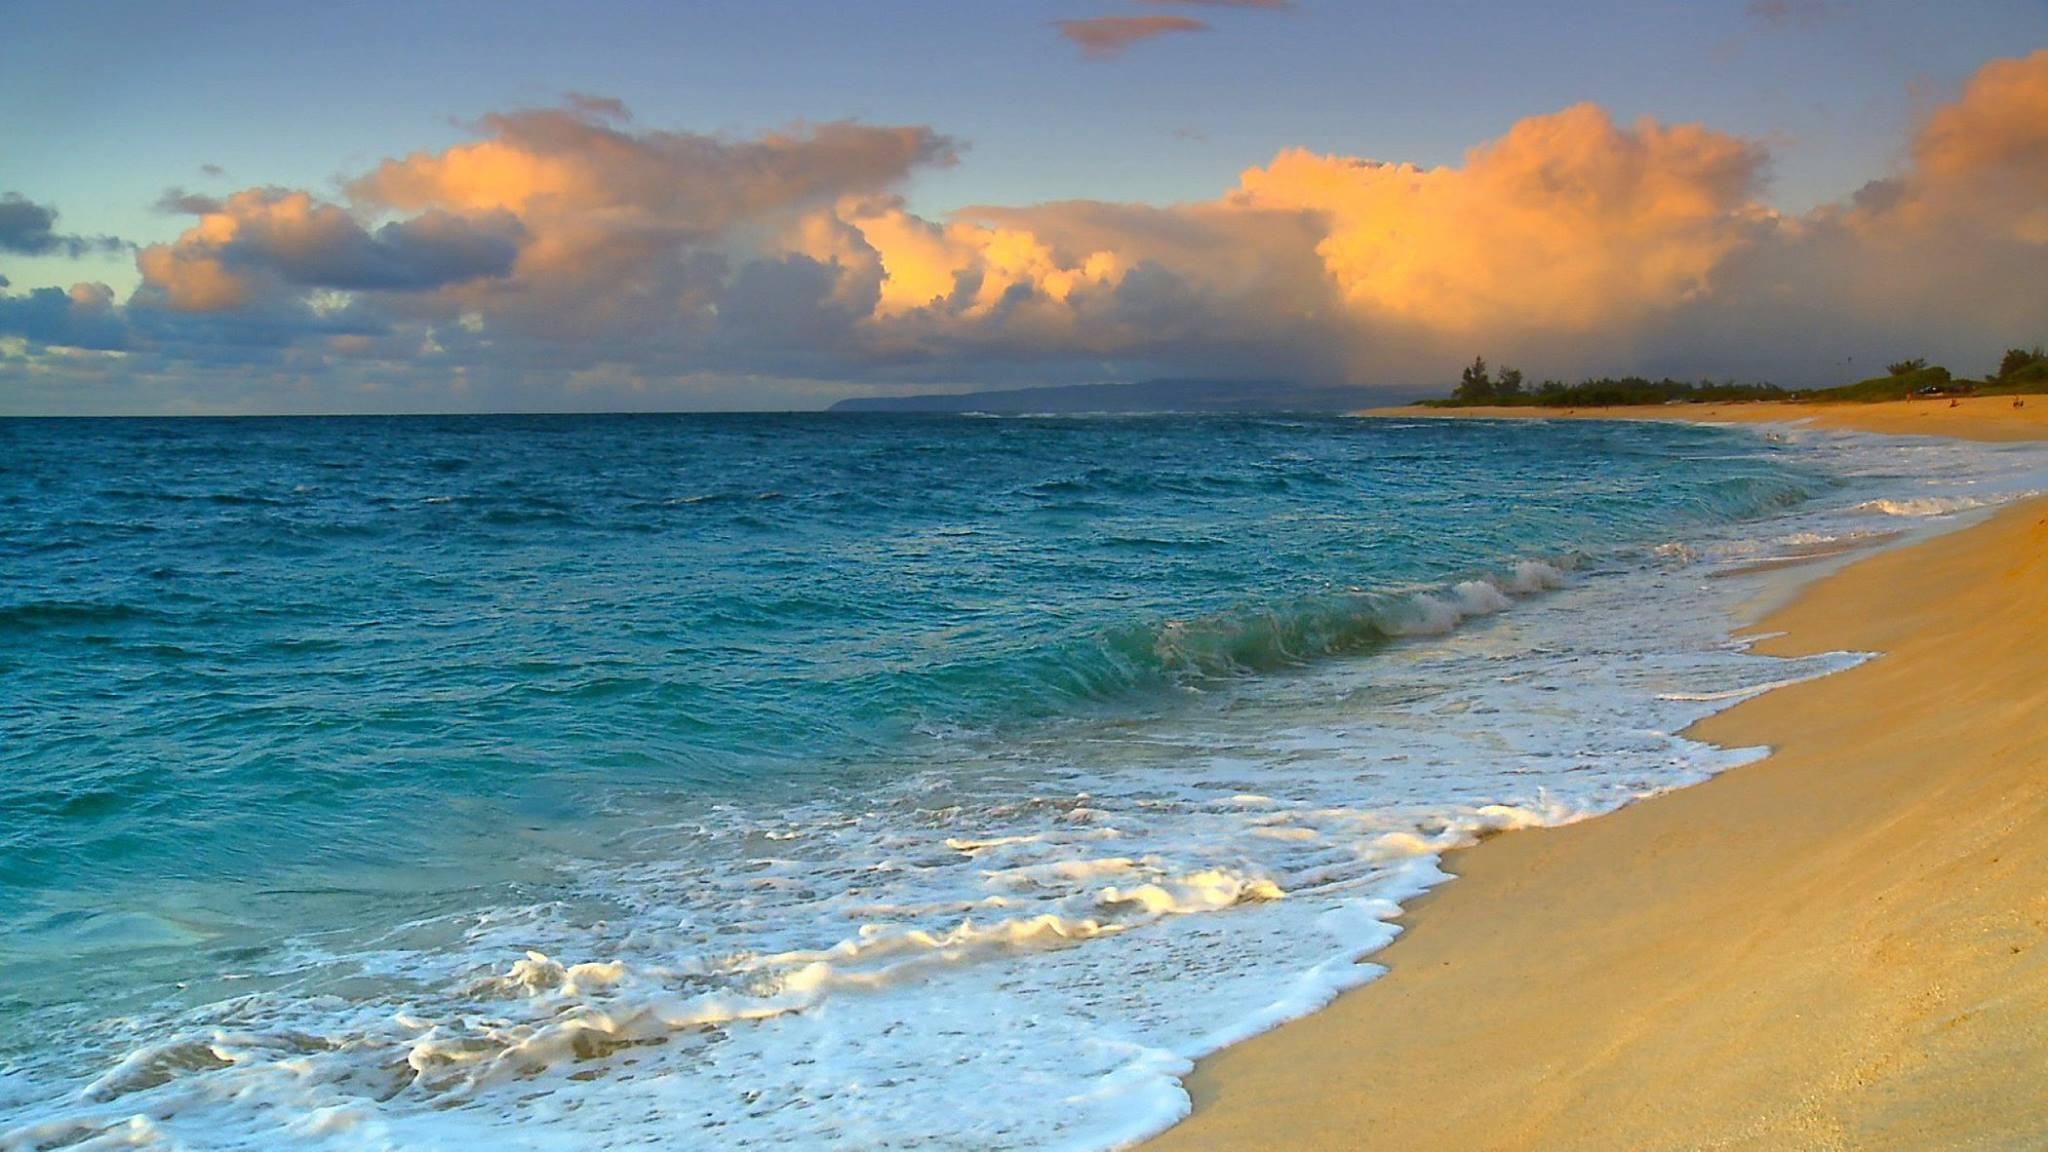 عکس ساحل زیبا | عکسهای زیبا و دیدنی از ساحل شنی | عکس دریا | تصاویر شگفت انگیز از دریا و ساحل | عکسهای زیباترین سواحل دنیا | والپیپر اچ دی از ساحل و دریا